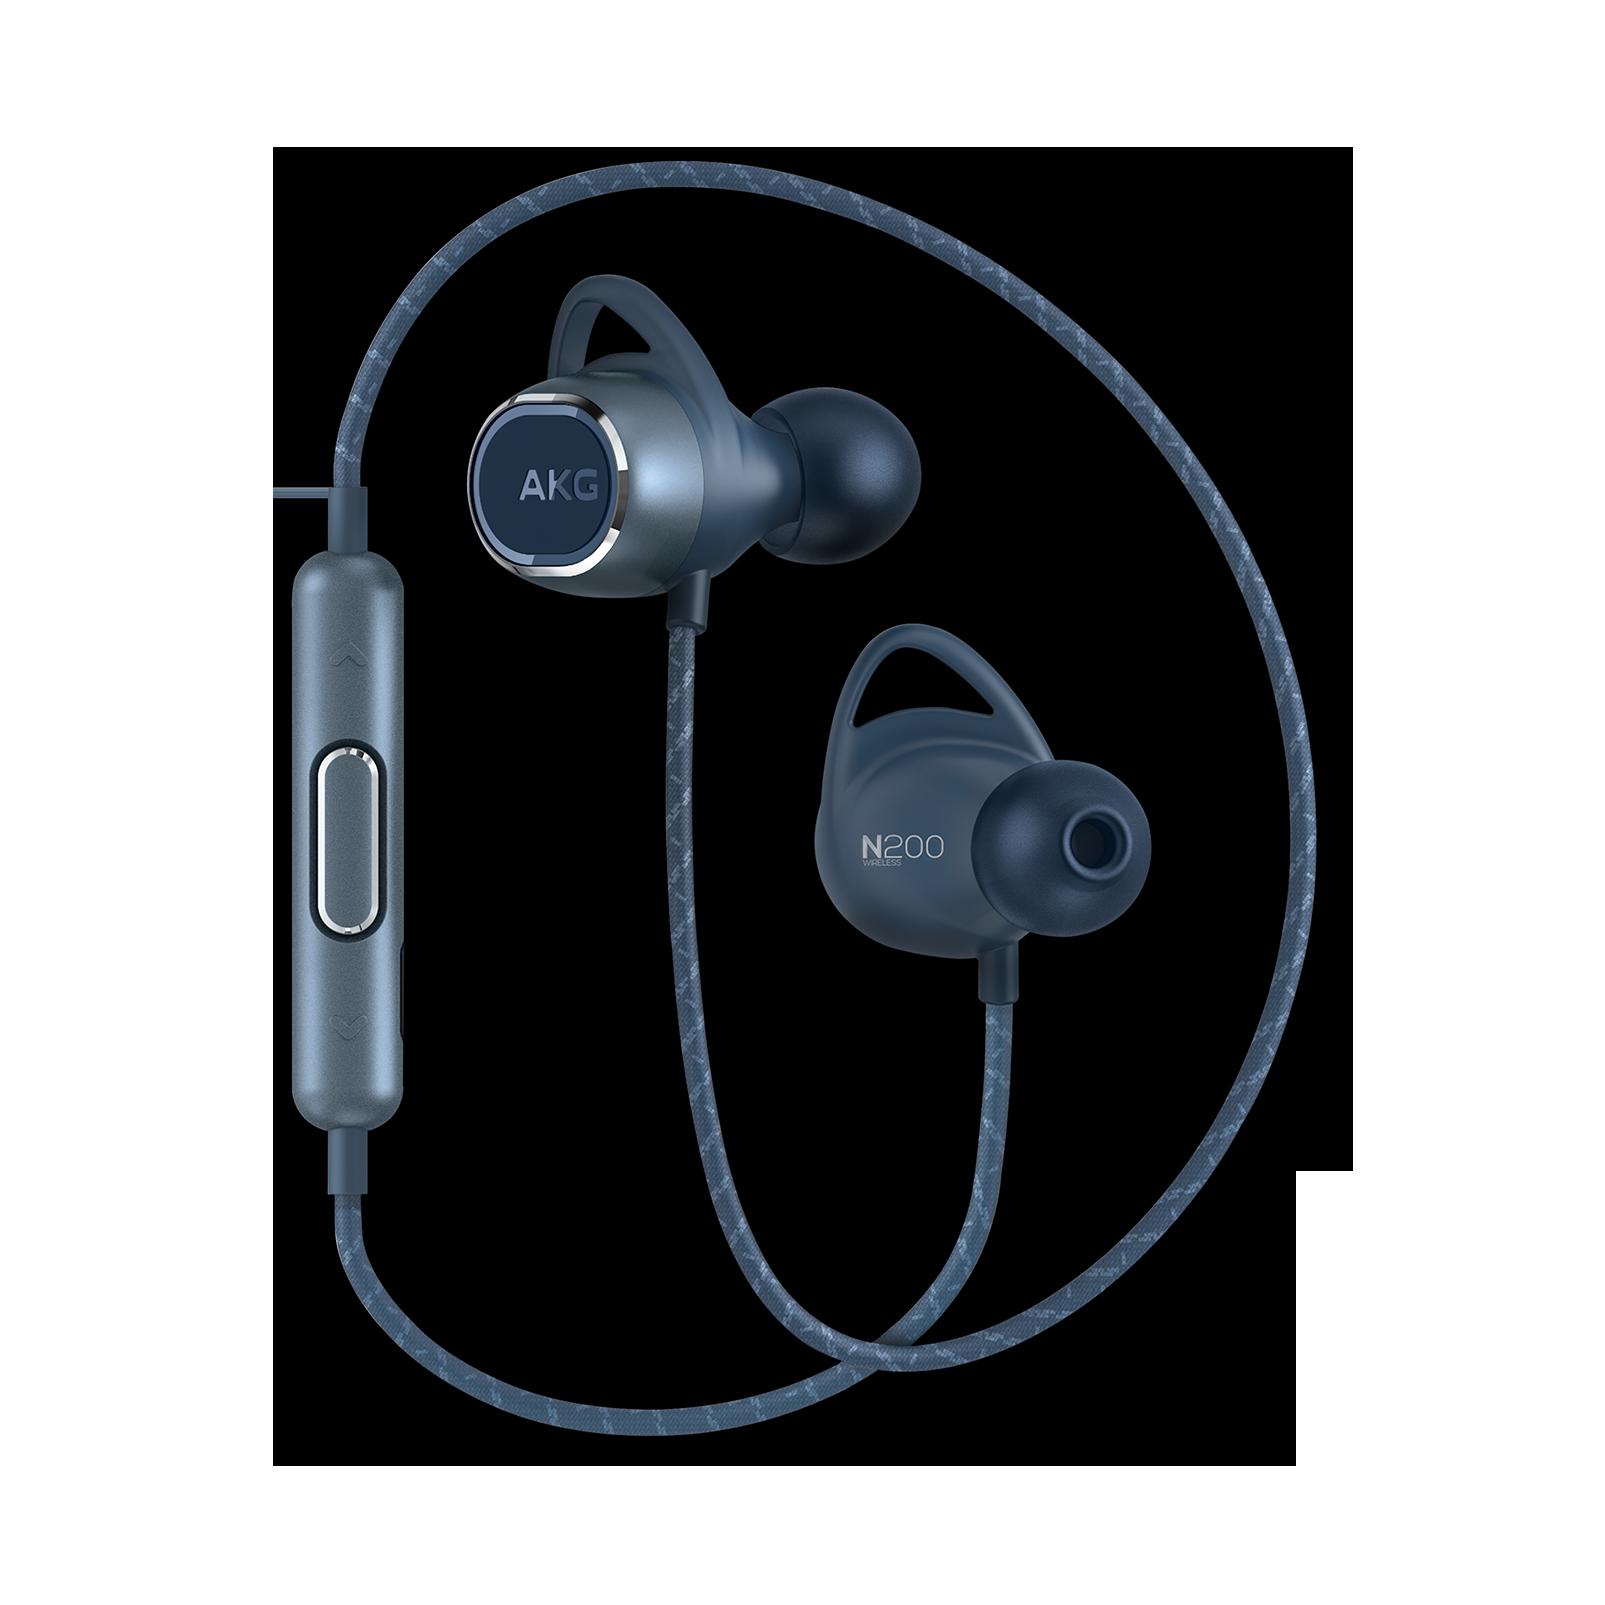 AKG N200WIRELESS - Blue - Reference wireless in-ear headphones - Hero